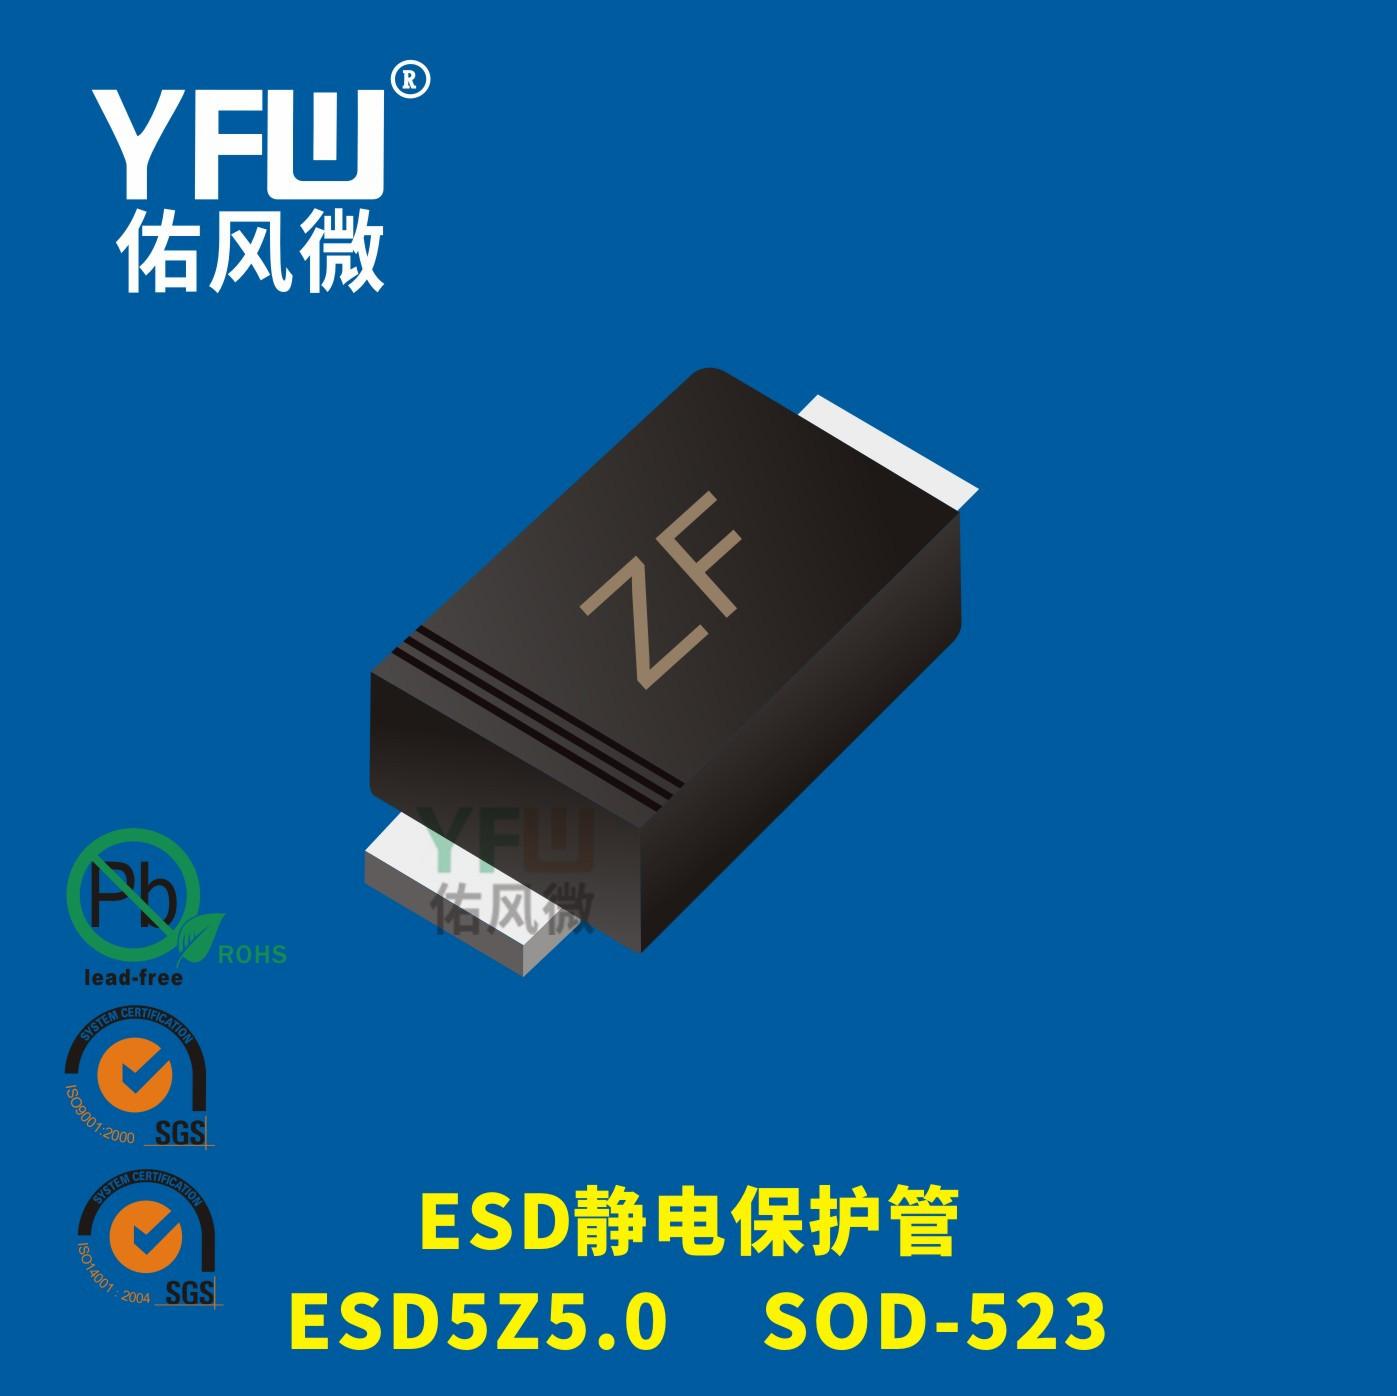 ESD5Z5.0   SOD-523封装 ESD保护管印字ZF  佑风微品牌